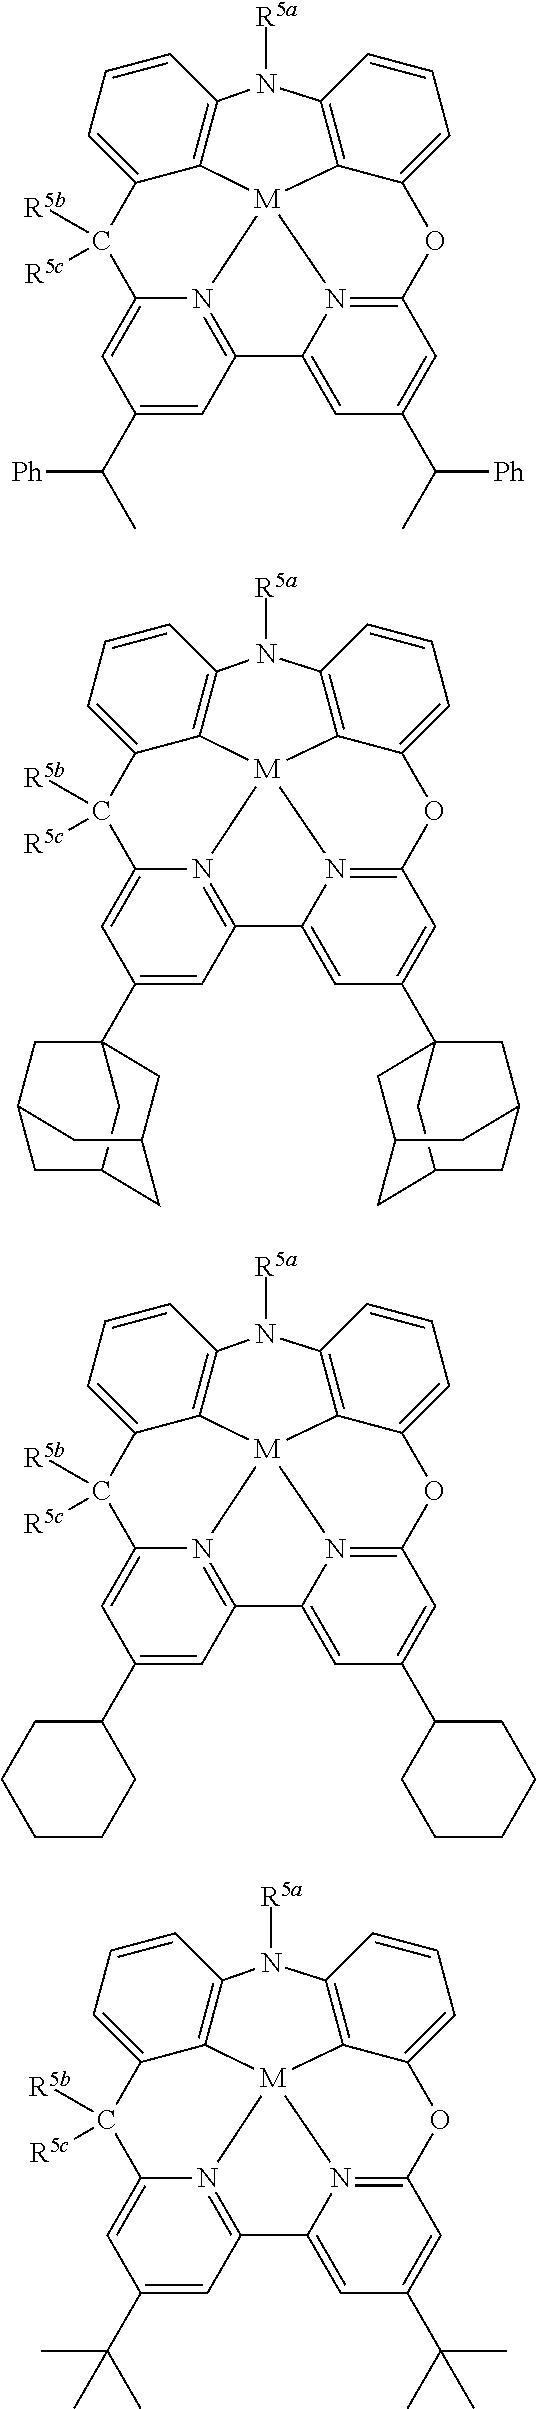 Figure US10158091-20181218-C00056